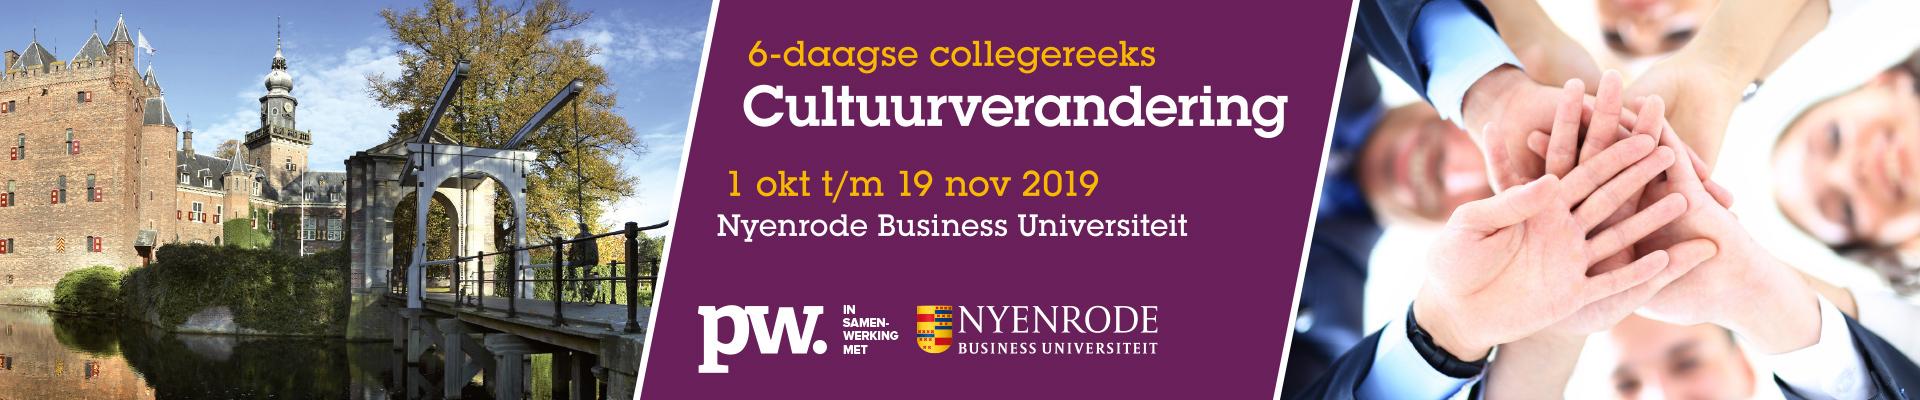 HR Cultuurverandering najaar (Nyenrode) 2019